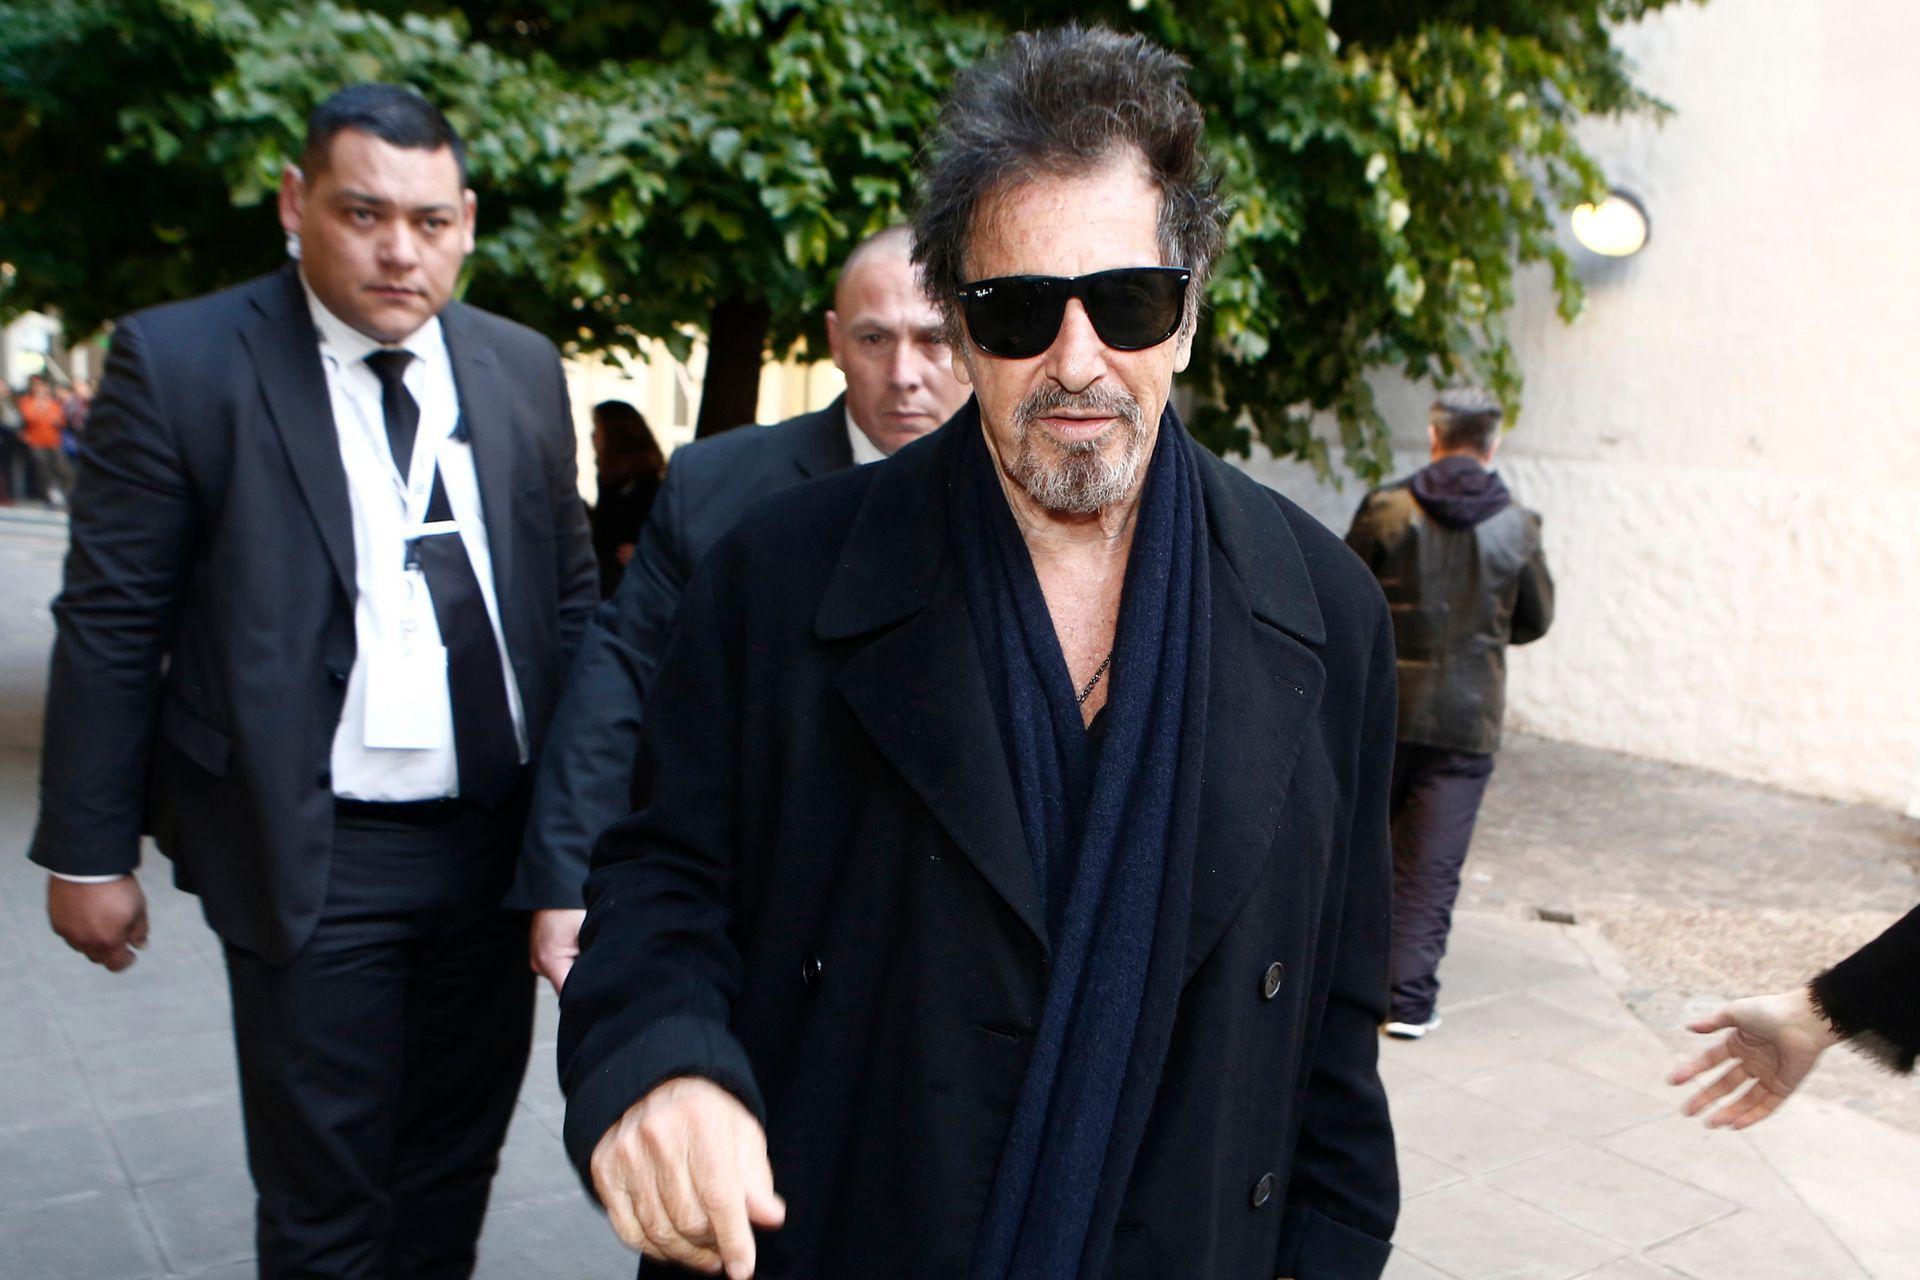 El actor Al Pacino ingresa al Centro Cultural Recoleta, durante su visita a la Argentina